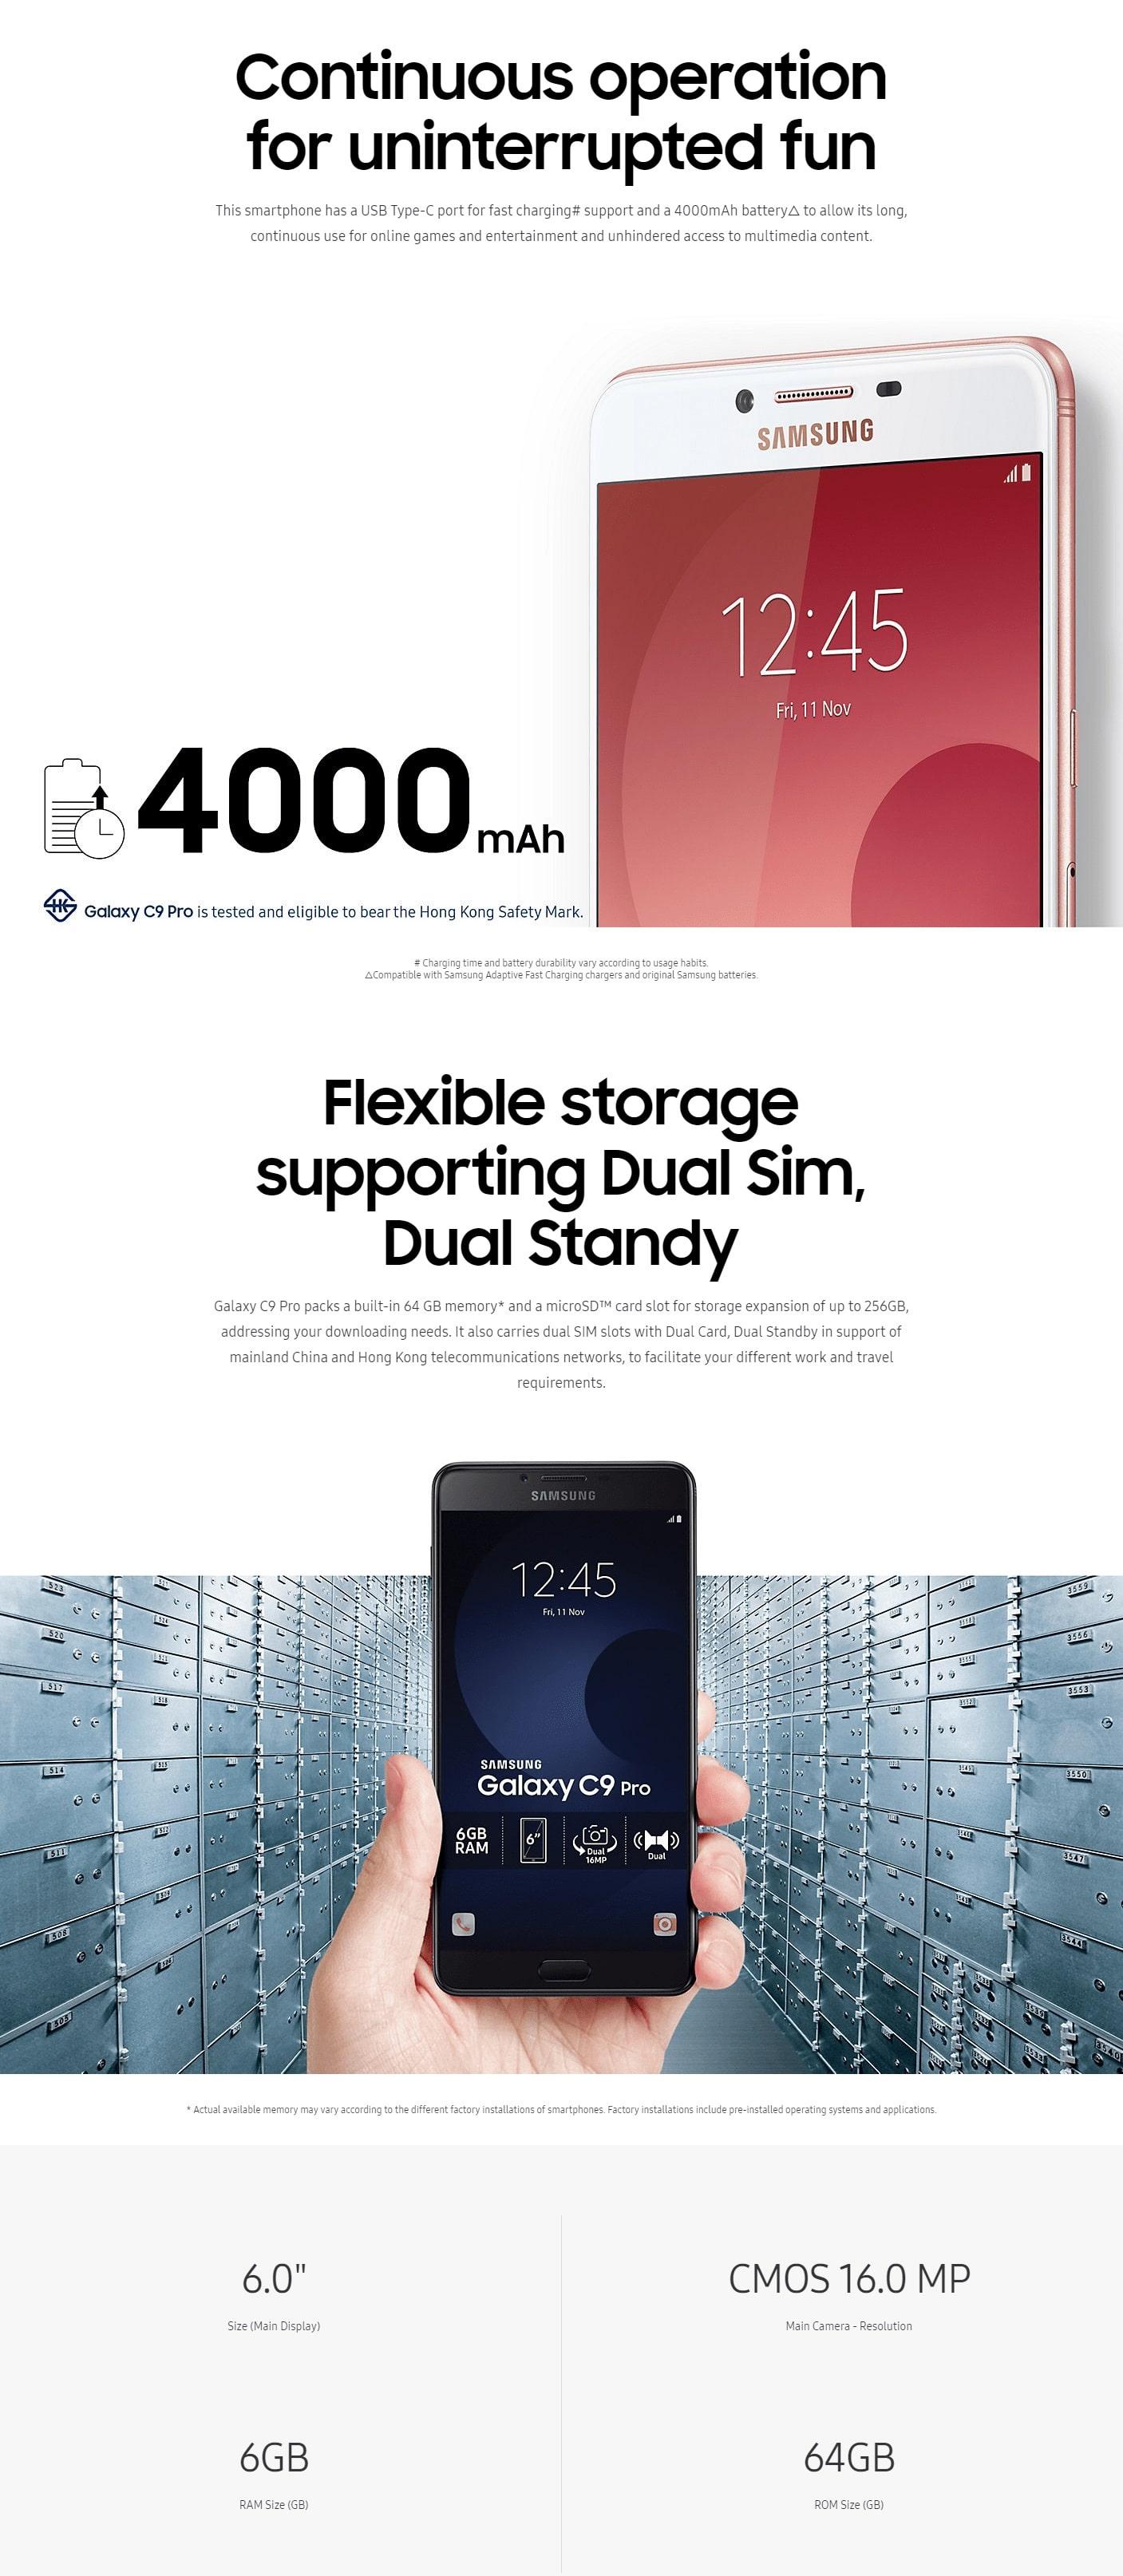 Samsung galaxy C9 Pro price